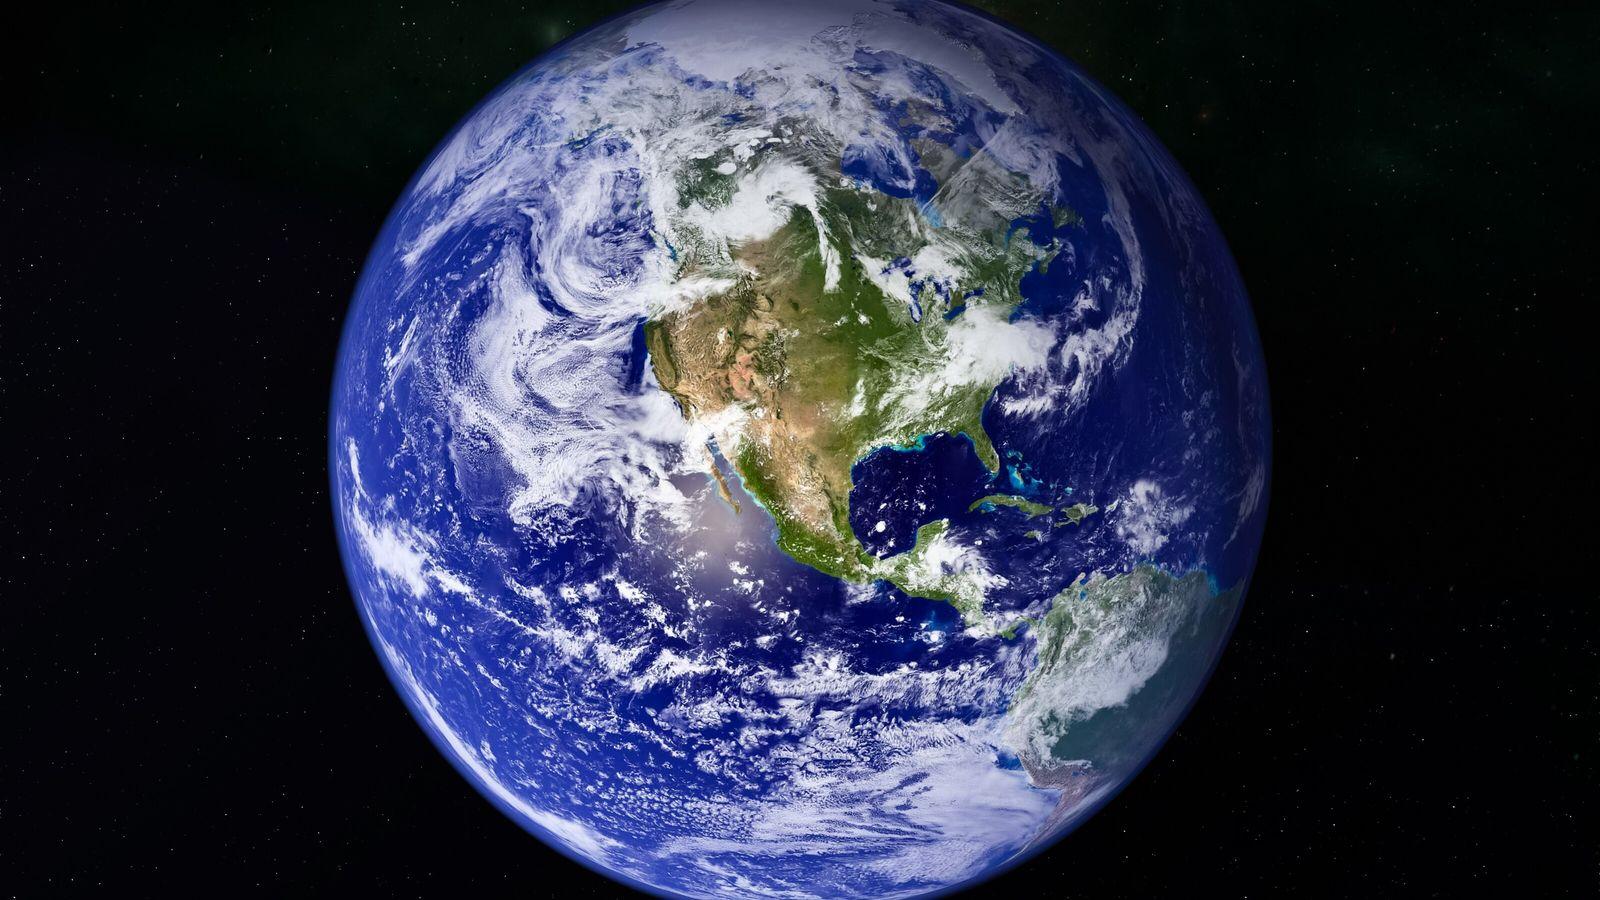 Erde aus Weltraumsicht